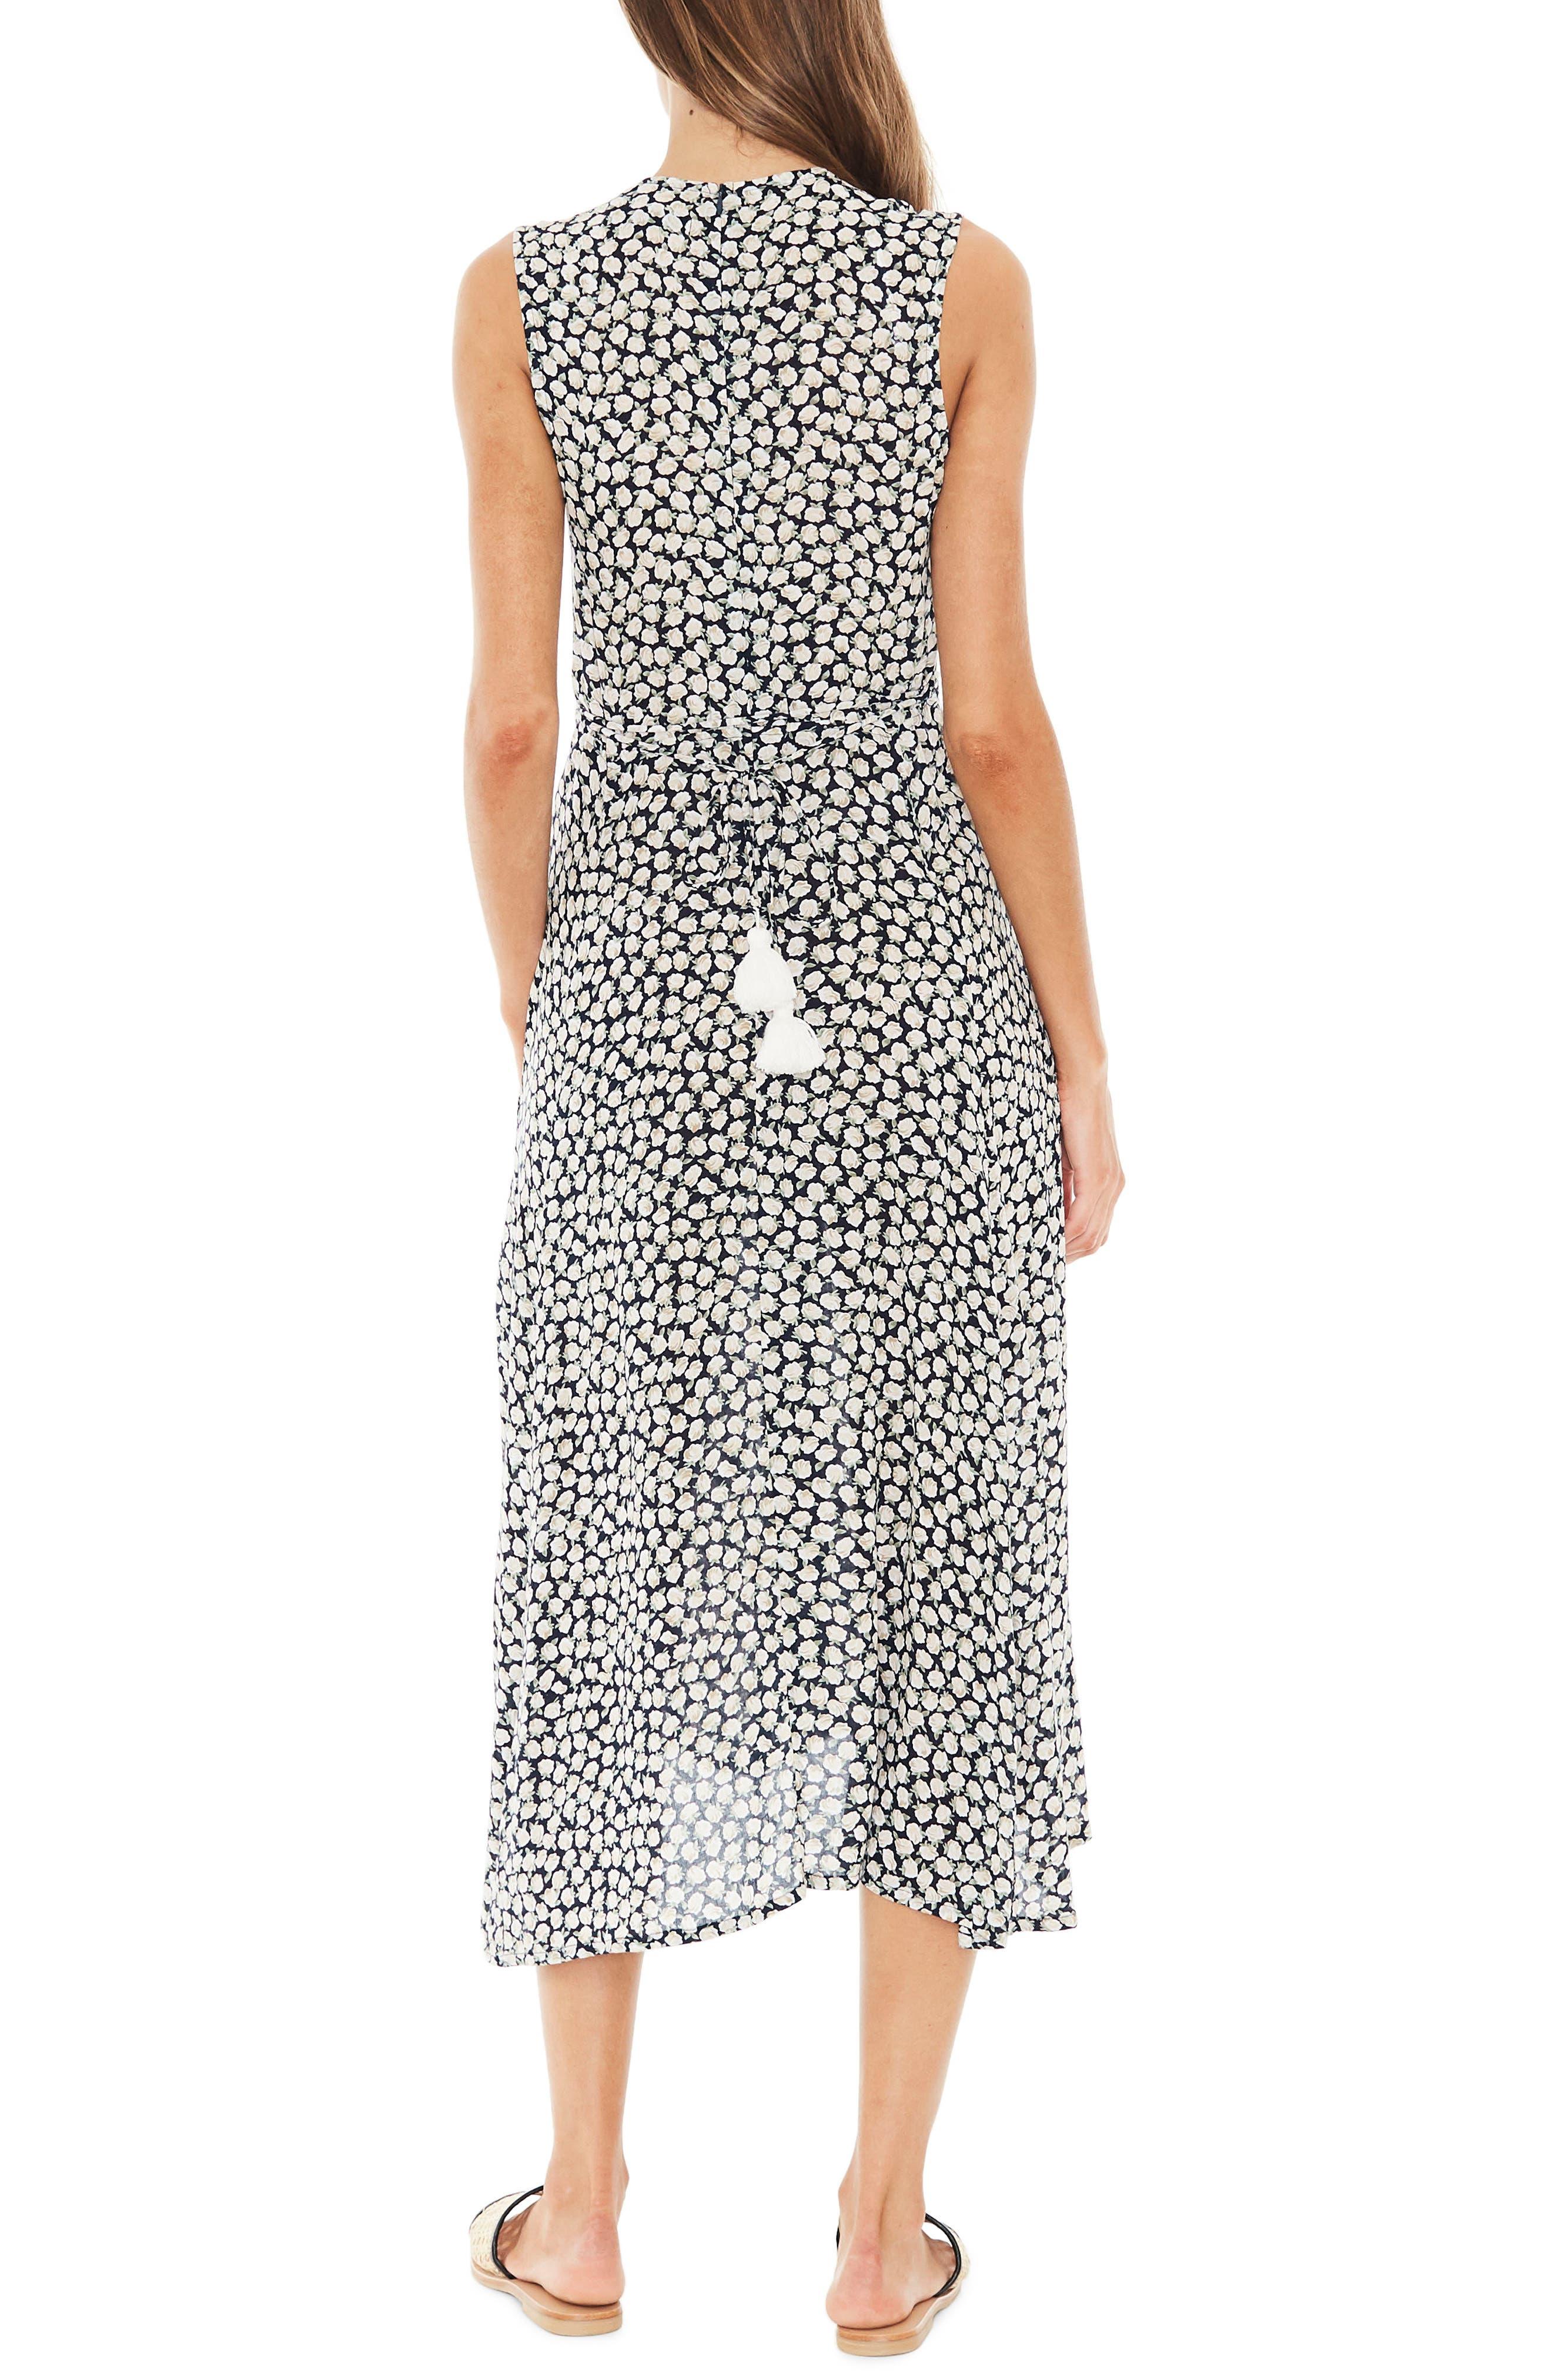 Blohm Print Midi Dress,                             Alternate thumbnail 2, color,                             400